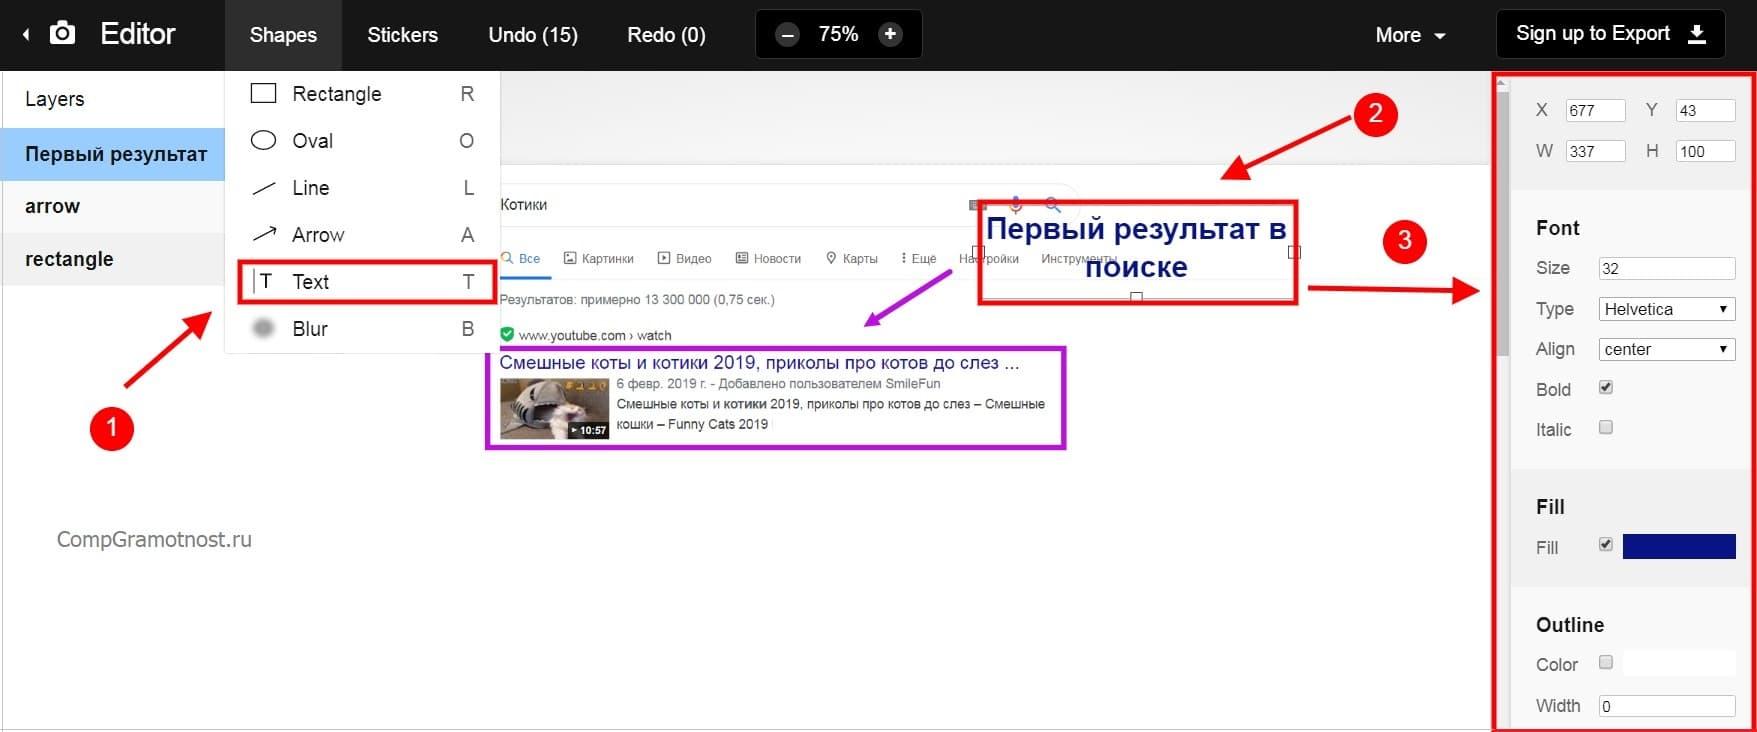 Функция текст позволяет набрать поясняющий текст к скриншоту